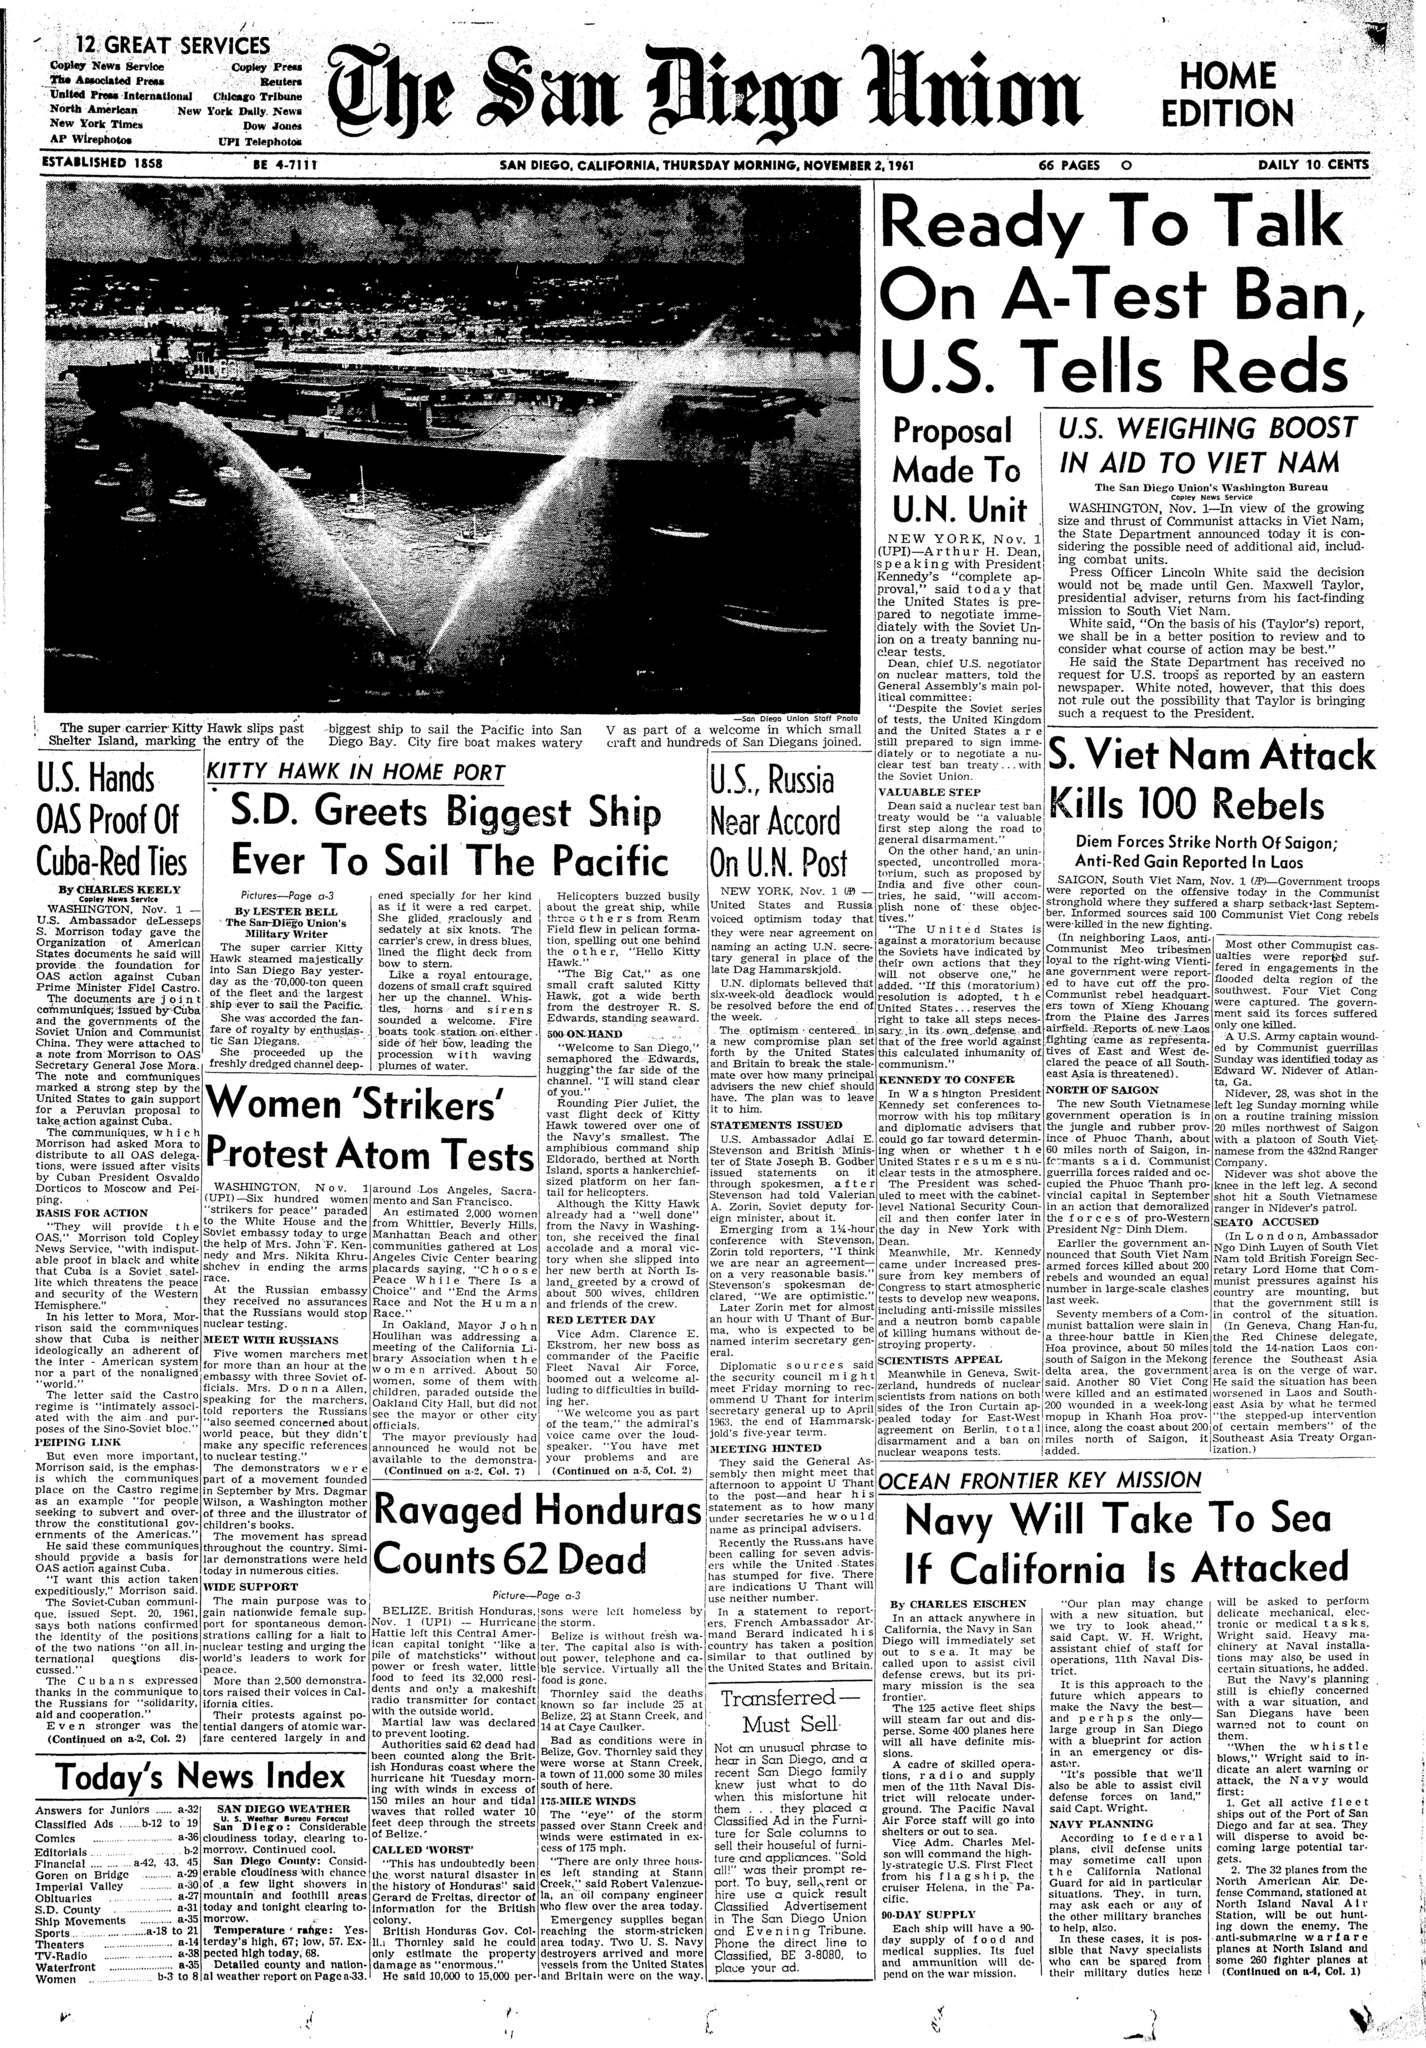 November 2, 1961